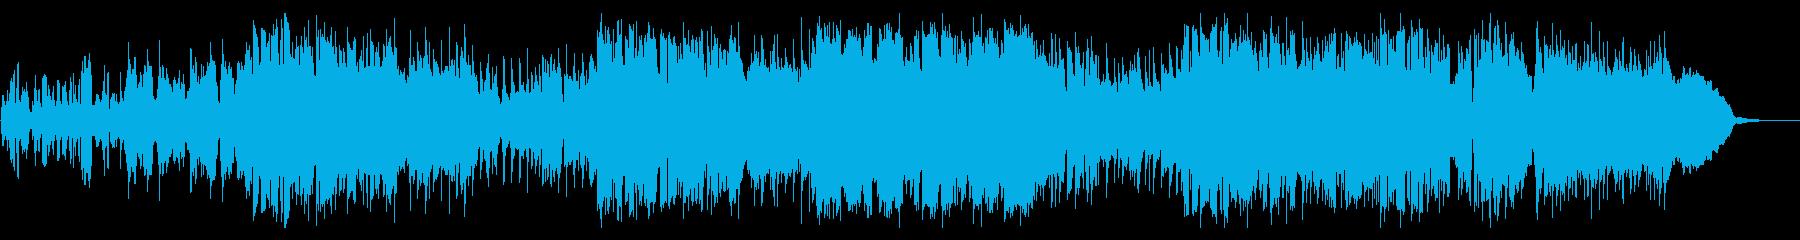 幻想的な雰囲気のケロケロボイスのポップスの再生済みの波形